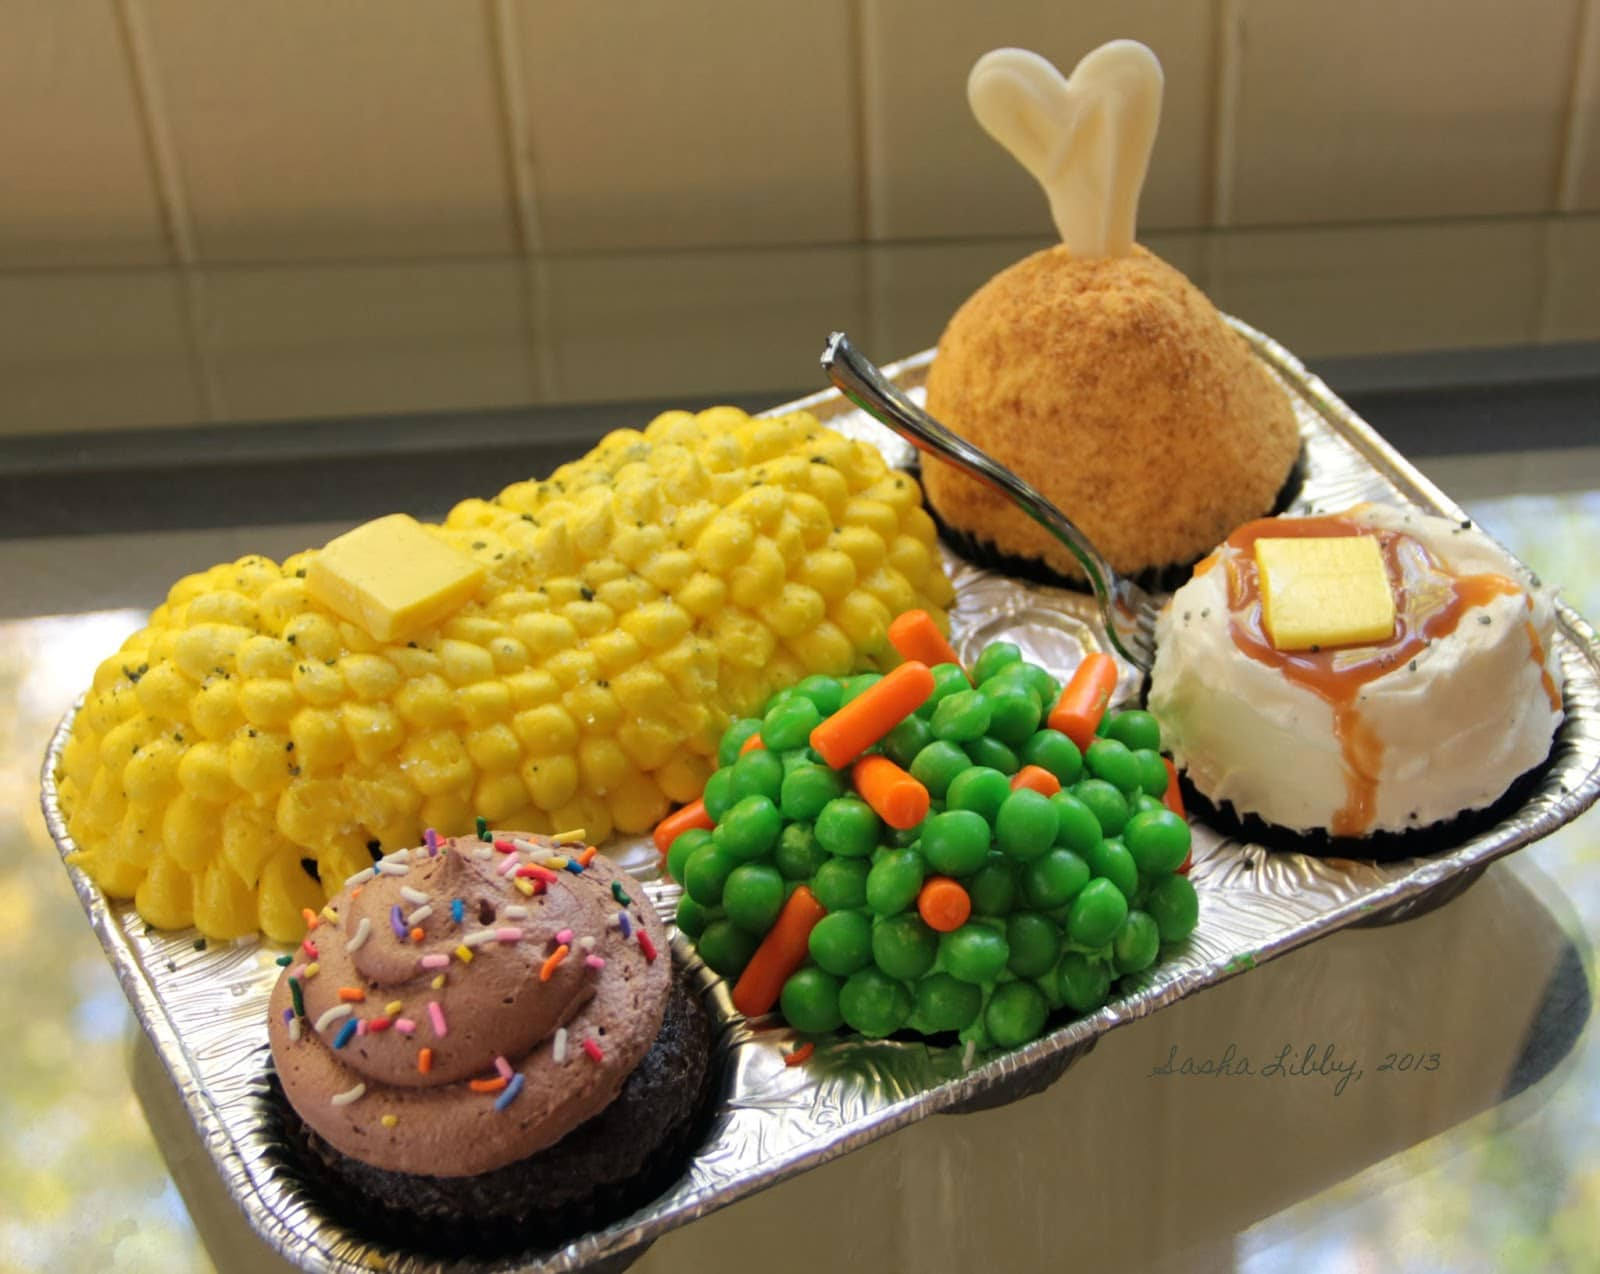 Cupcakes para o jantar